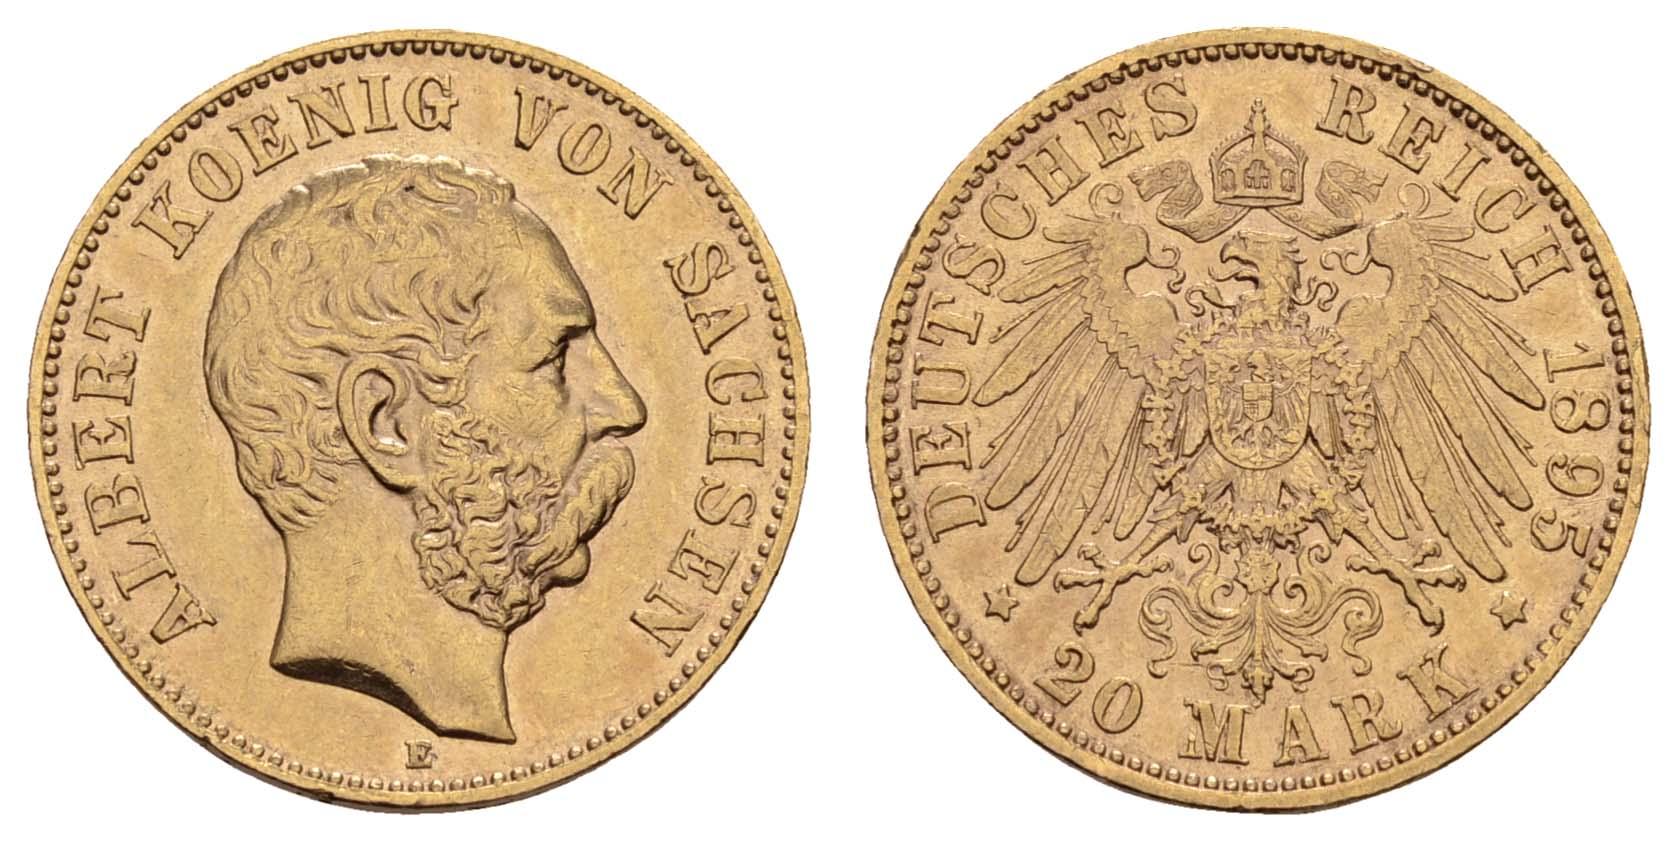 Lot 920 - deutschland Kaiserreich Goldmünzen - Sachsen -  Auktionshaus Ulrich Felzmann GmbH & Co. KG Coins single lots